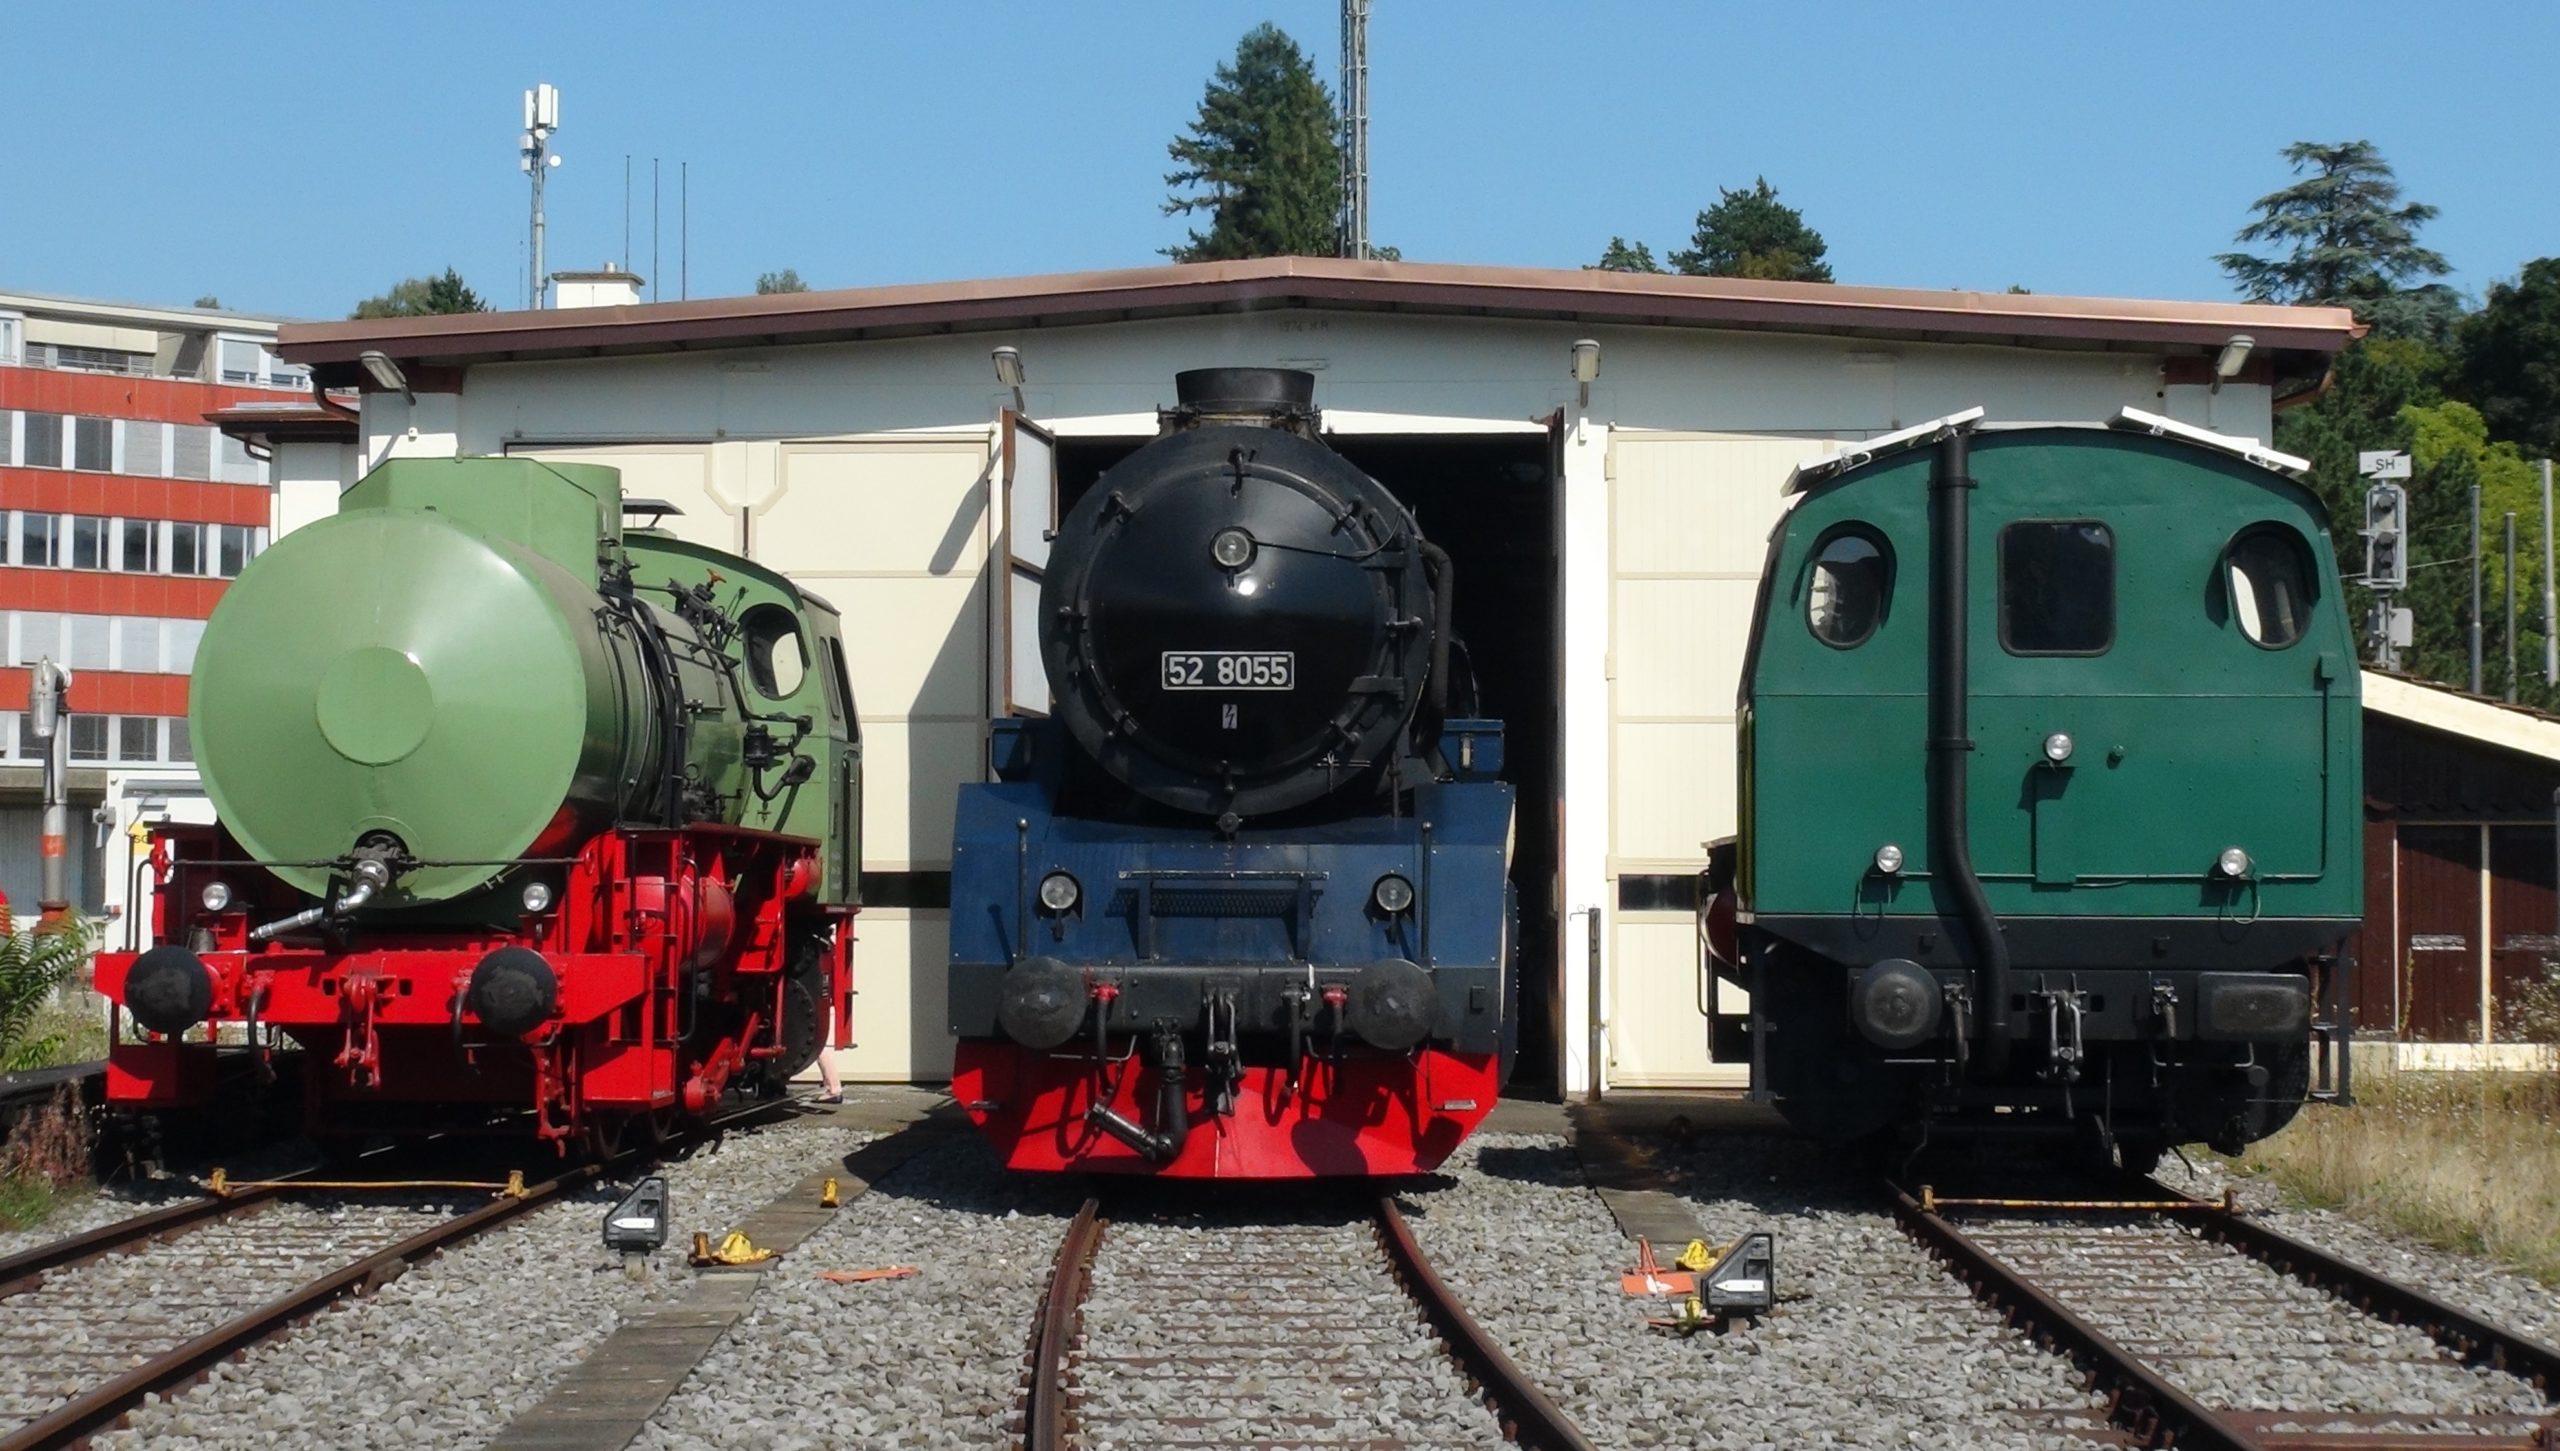 52 8055 DLM_2021-09-04_DSC09740_mit 2 Speicherlokomotiven FLC 03_Depot Schaffhausen_Foto Roger Waller (003)